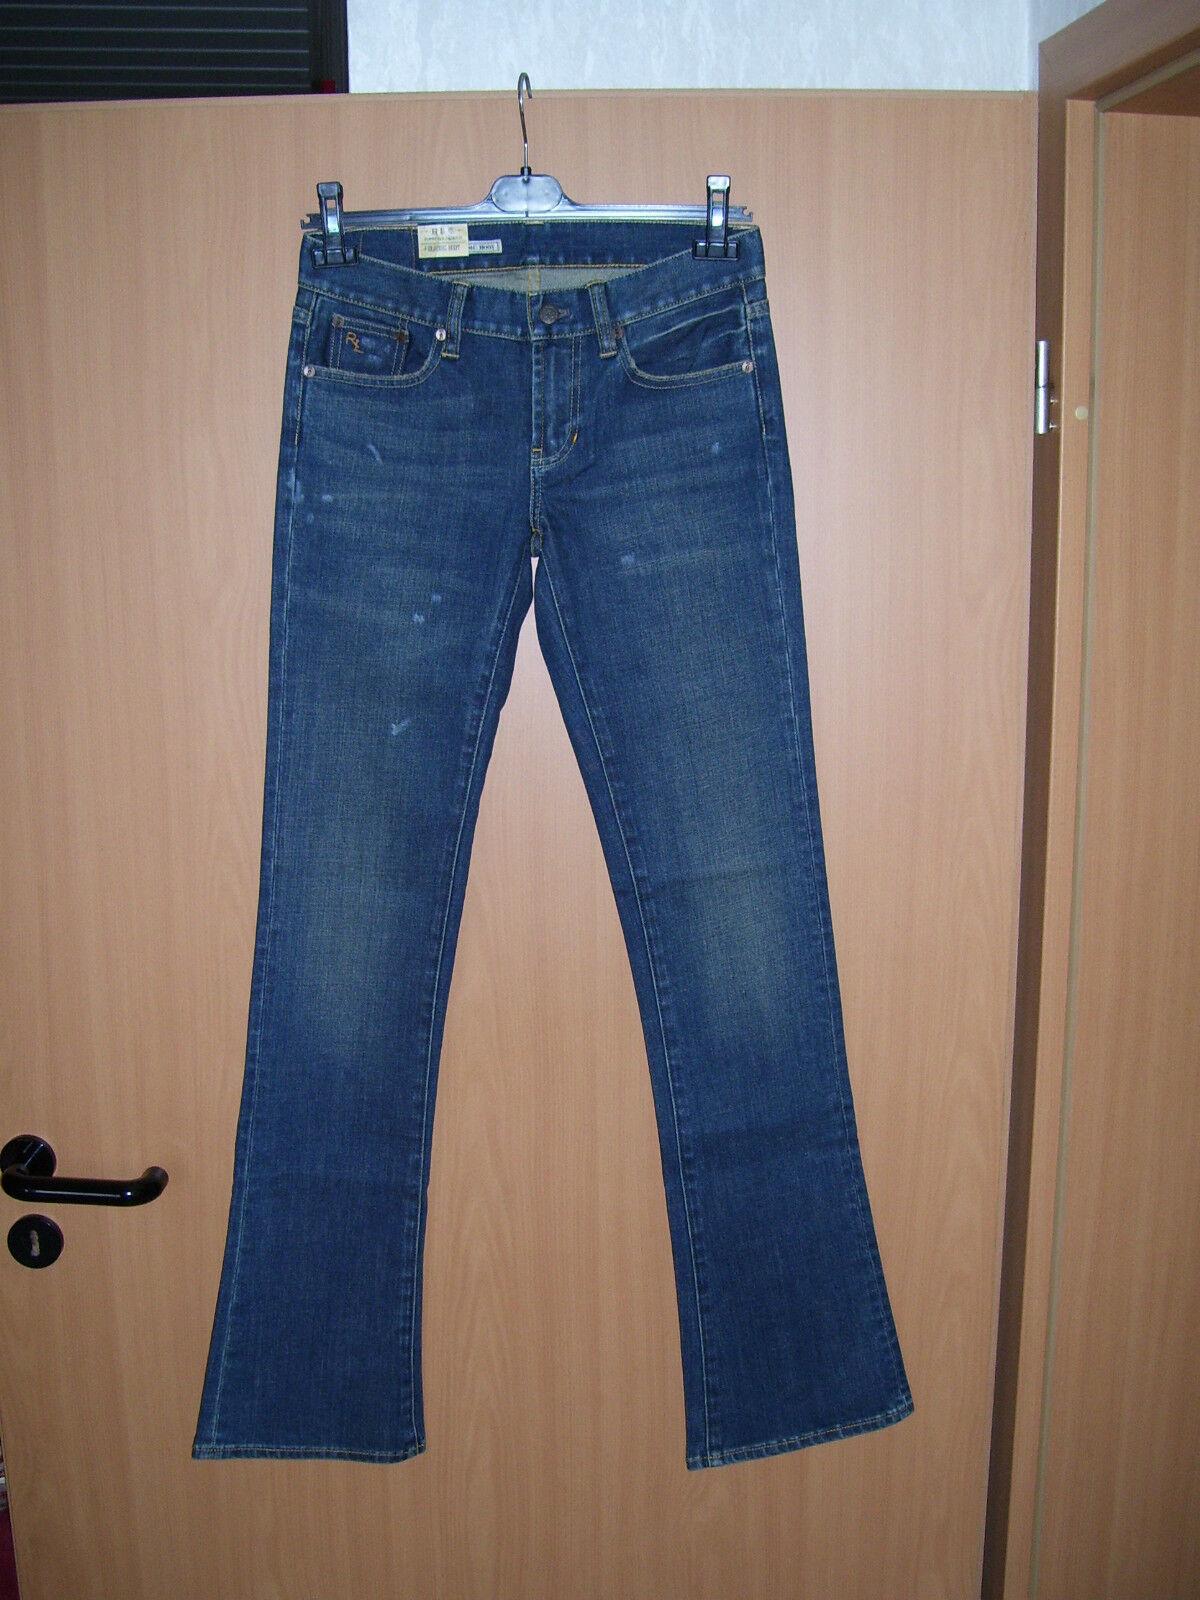 Ralph Lauren Denim Damen Stretch Jeans Classic Stiefel blau used look W29 L35 NEU